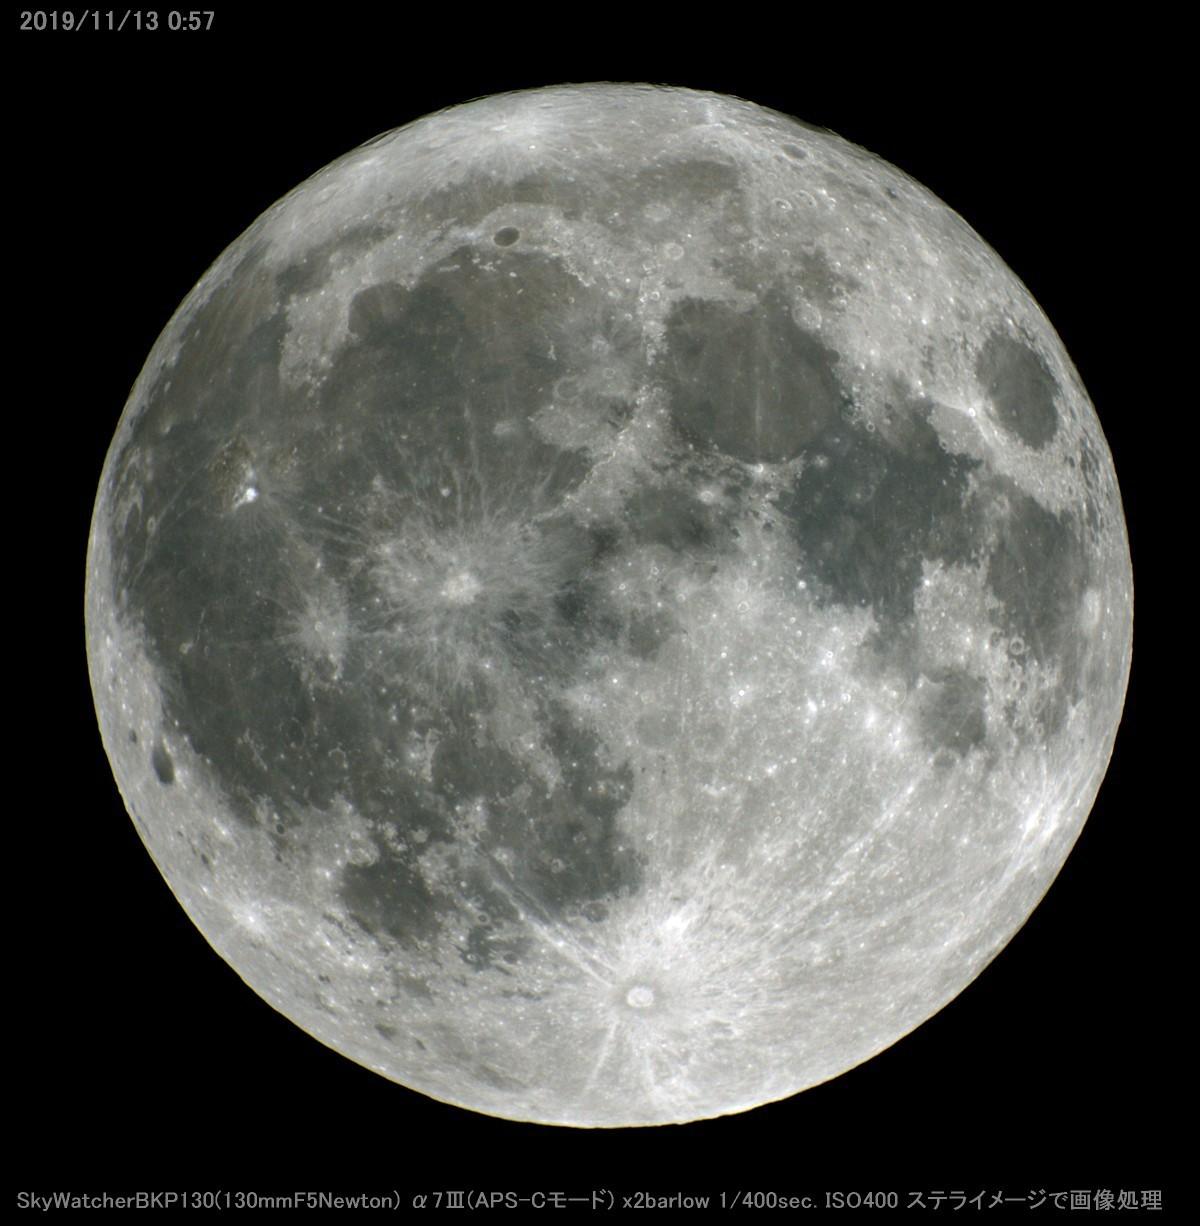 旅行用望遠鏡を考える その2 BKP130 + AZ-GTi_a0095470_10523144.jpg